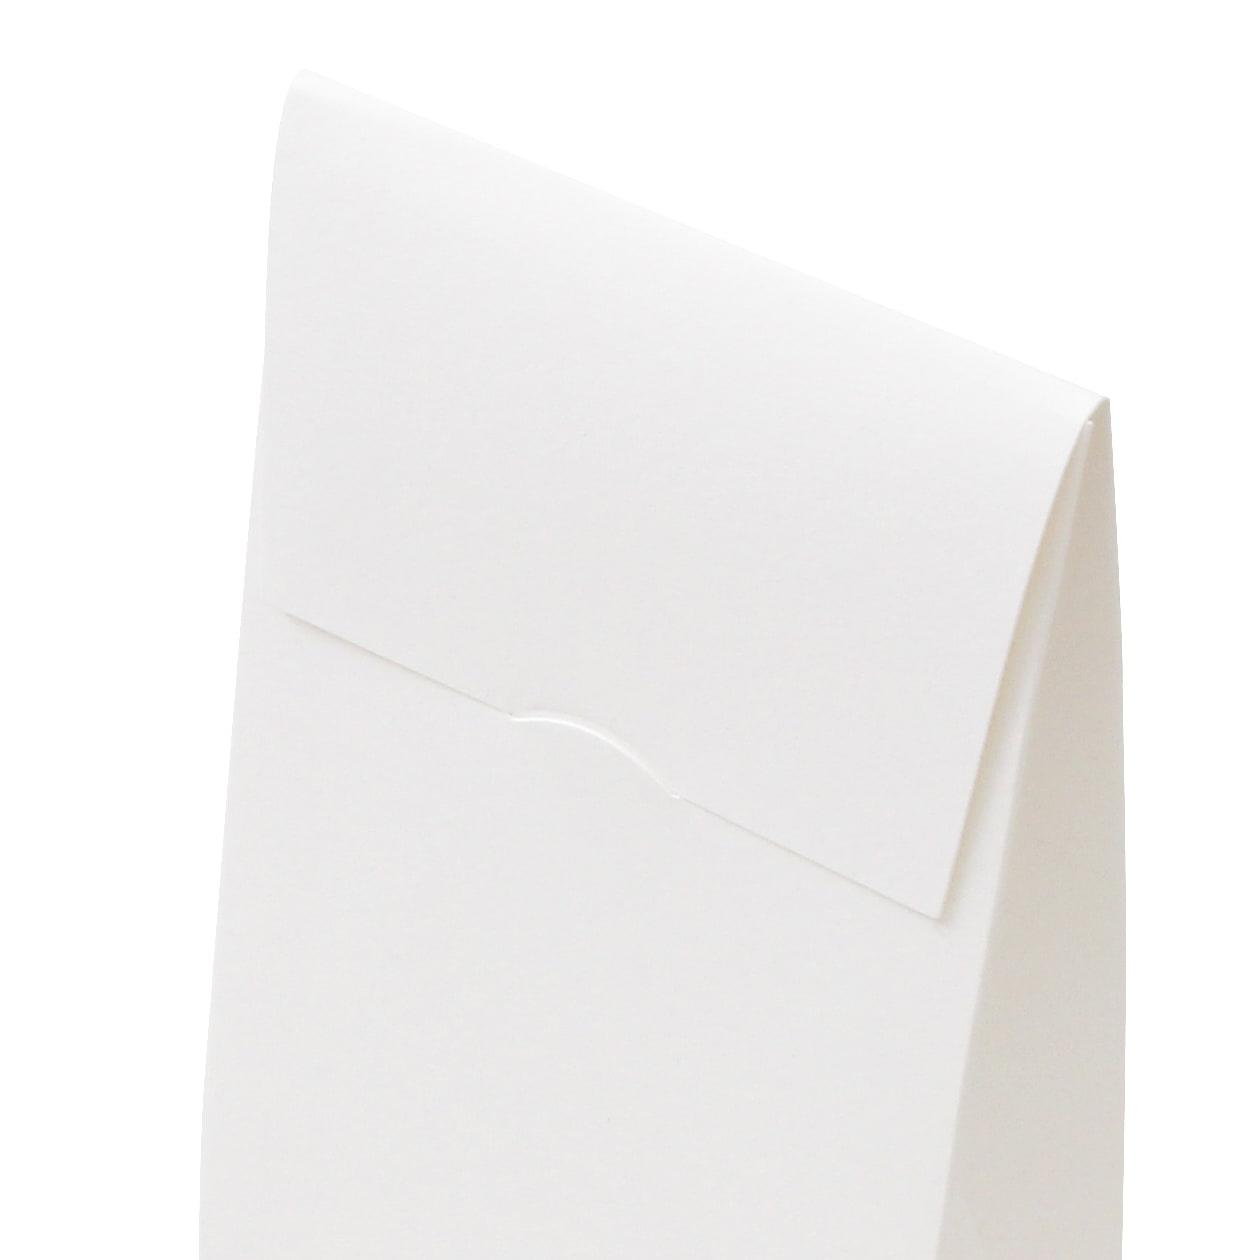 角底箱ロック式90×160×40 コットン スノーホワイト 232.8g